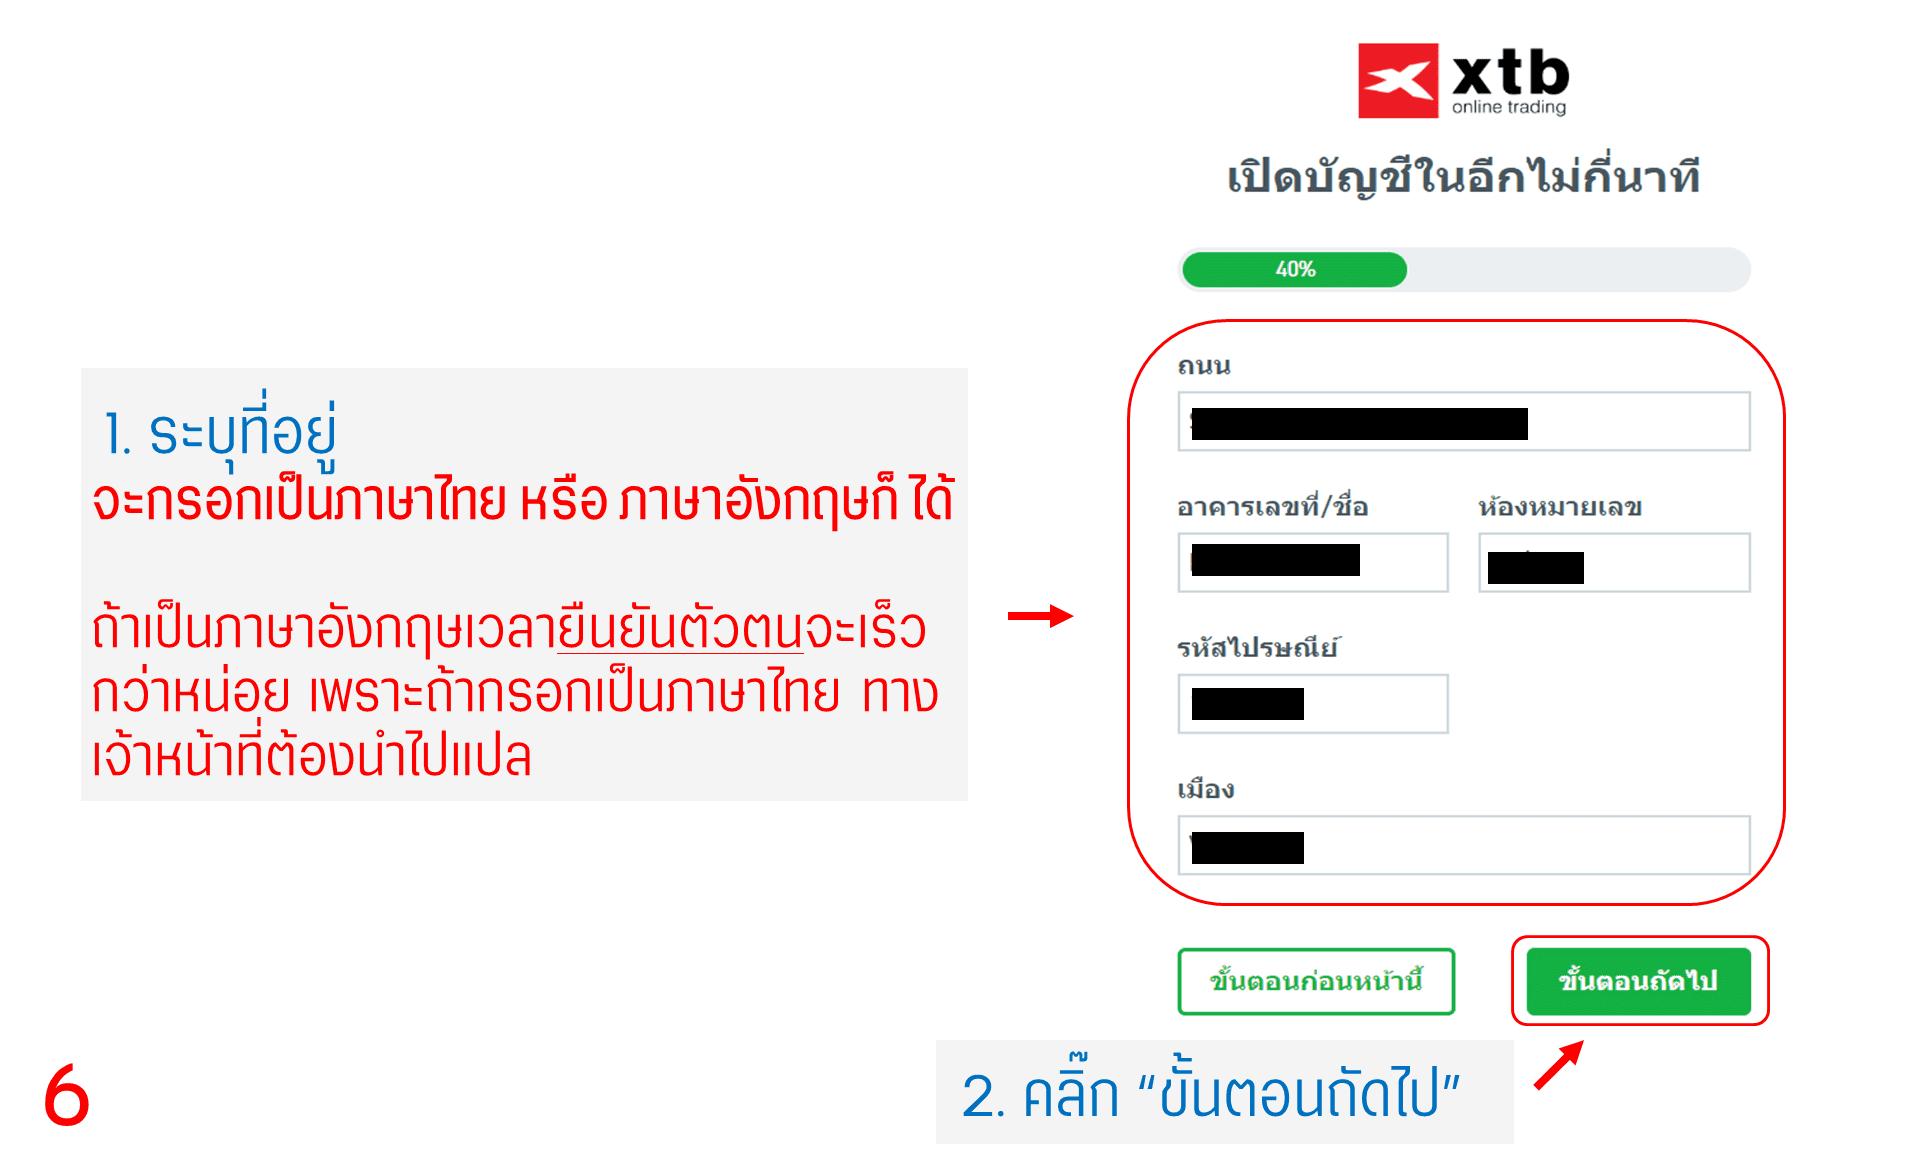 เปิดบัญชี XTB 7